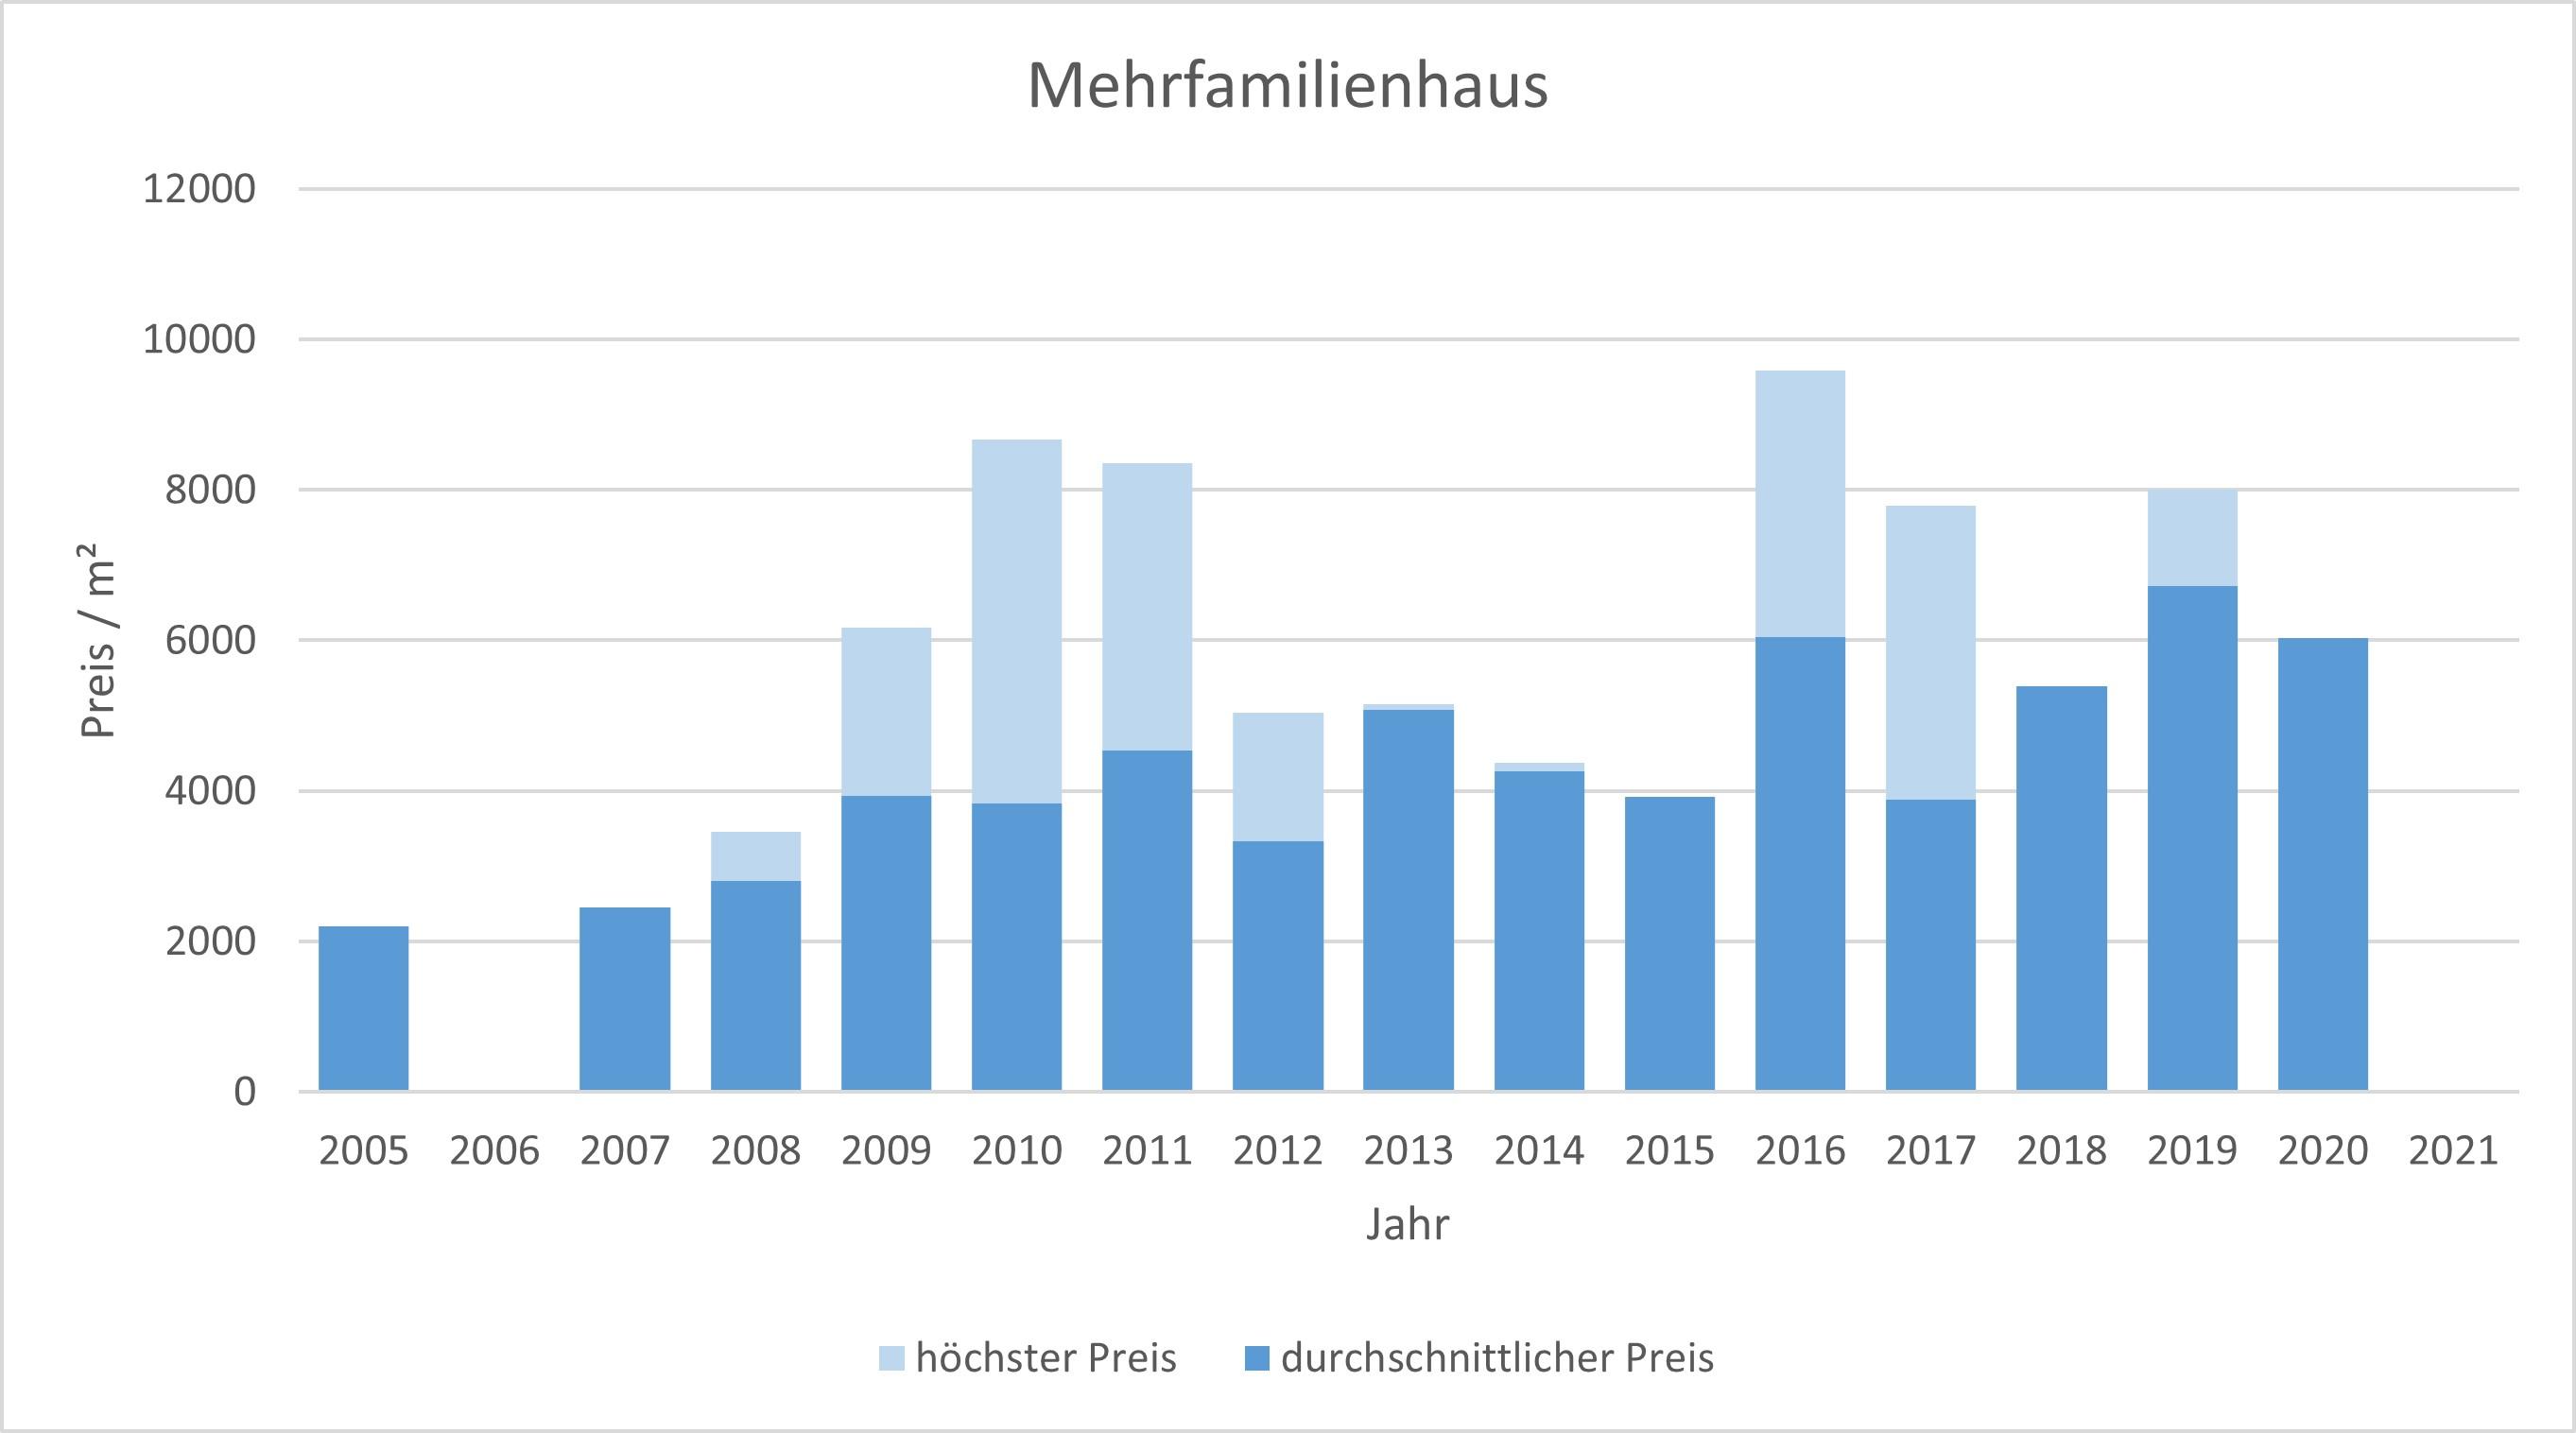 Berg am Starnberger See Mehrfamilienhaus kaufen 2019, 2020, 2021 verkaufen preis bewertung makler www.happy-immo.de